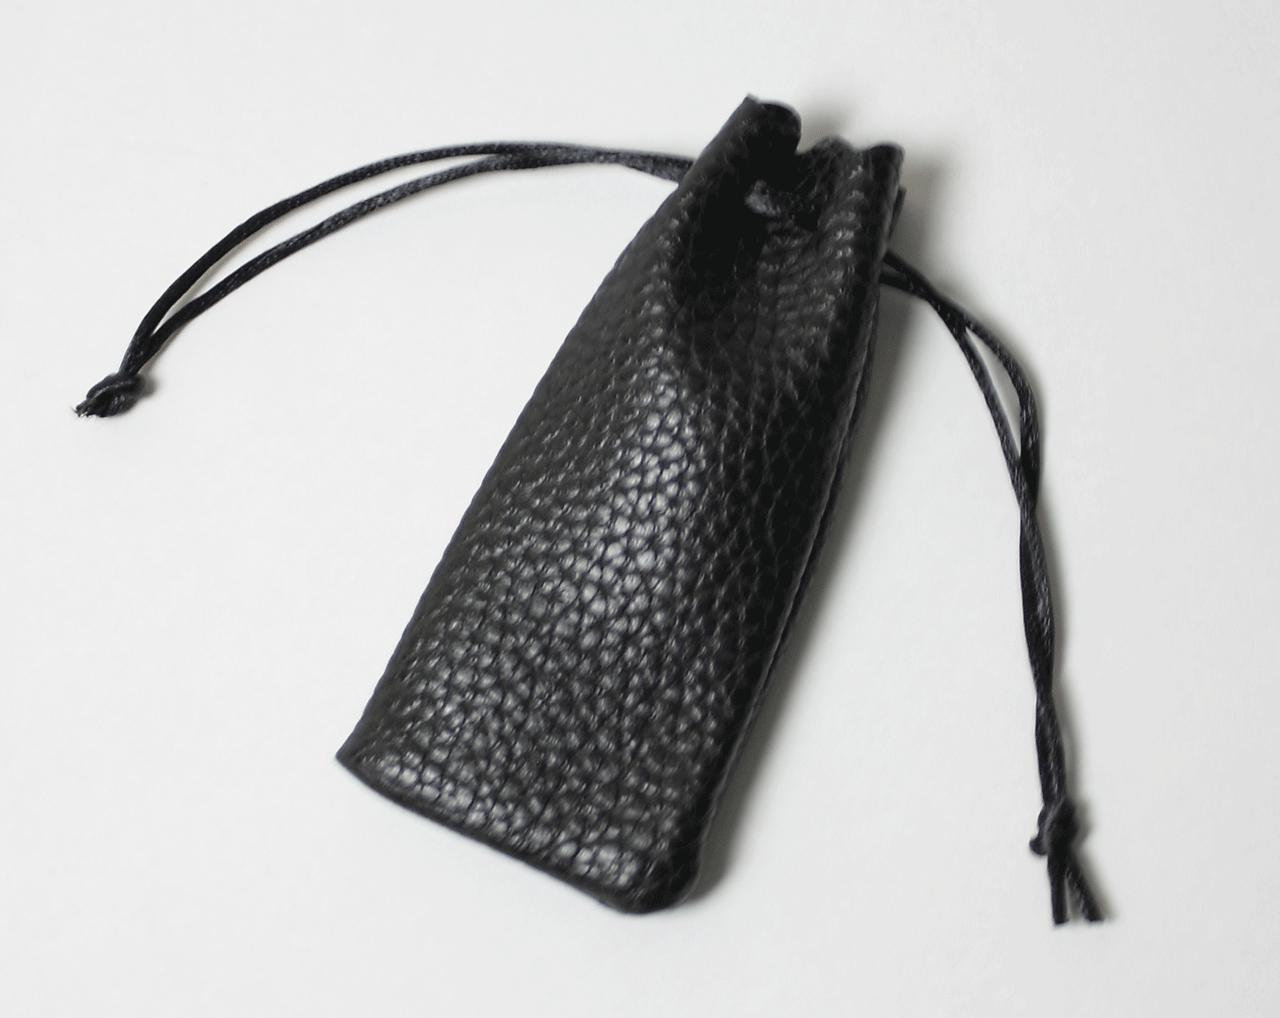 個人認印 オランダ水牛(寸胴) 10.5mm